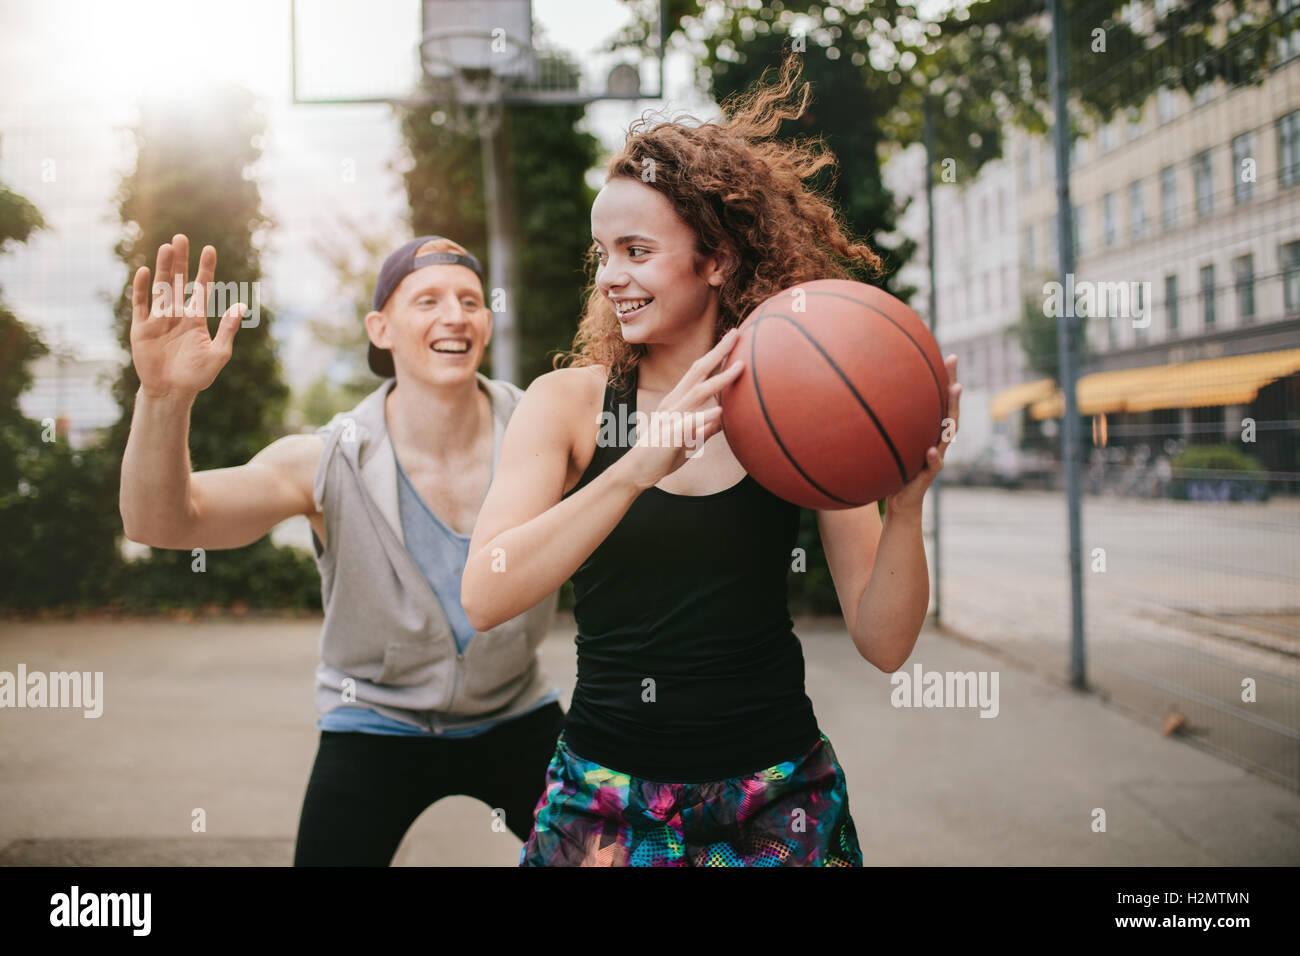 Jeune fille jouant au basket-ball avec boy le blocage. Amis adolescents en faisant un match de streetball sur cour Photo Stock